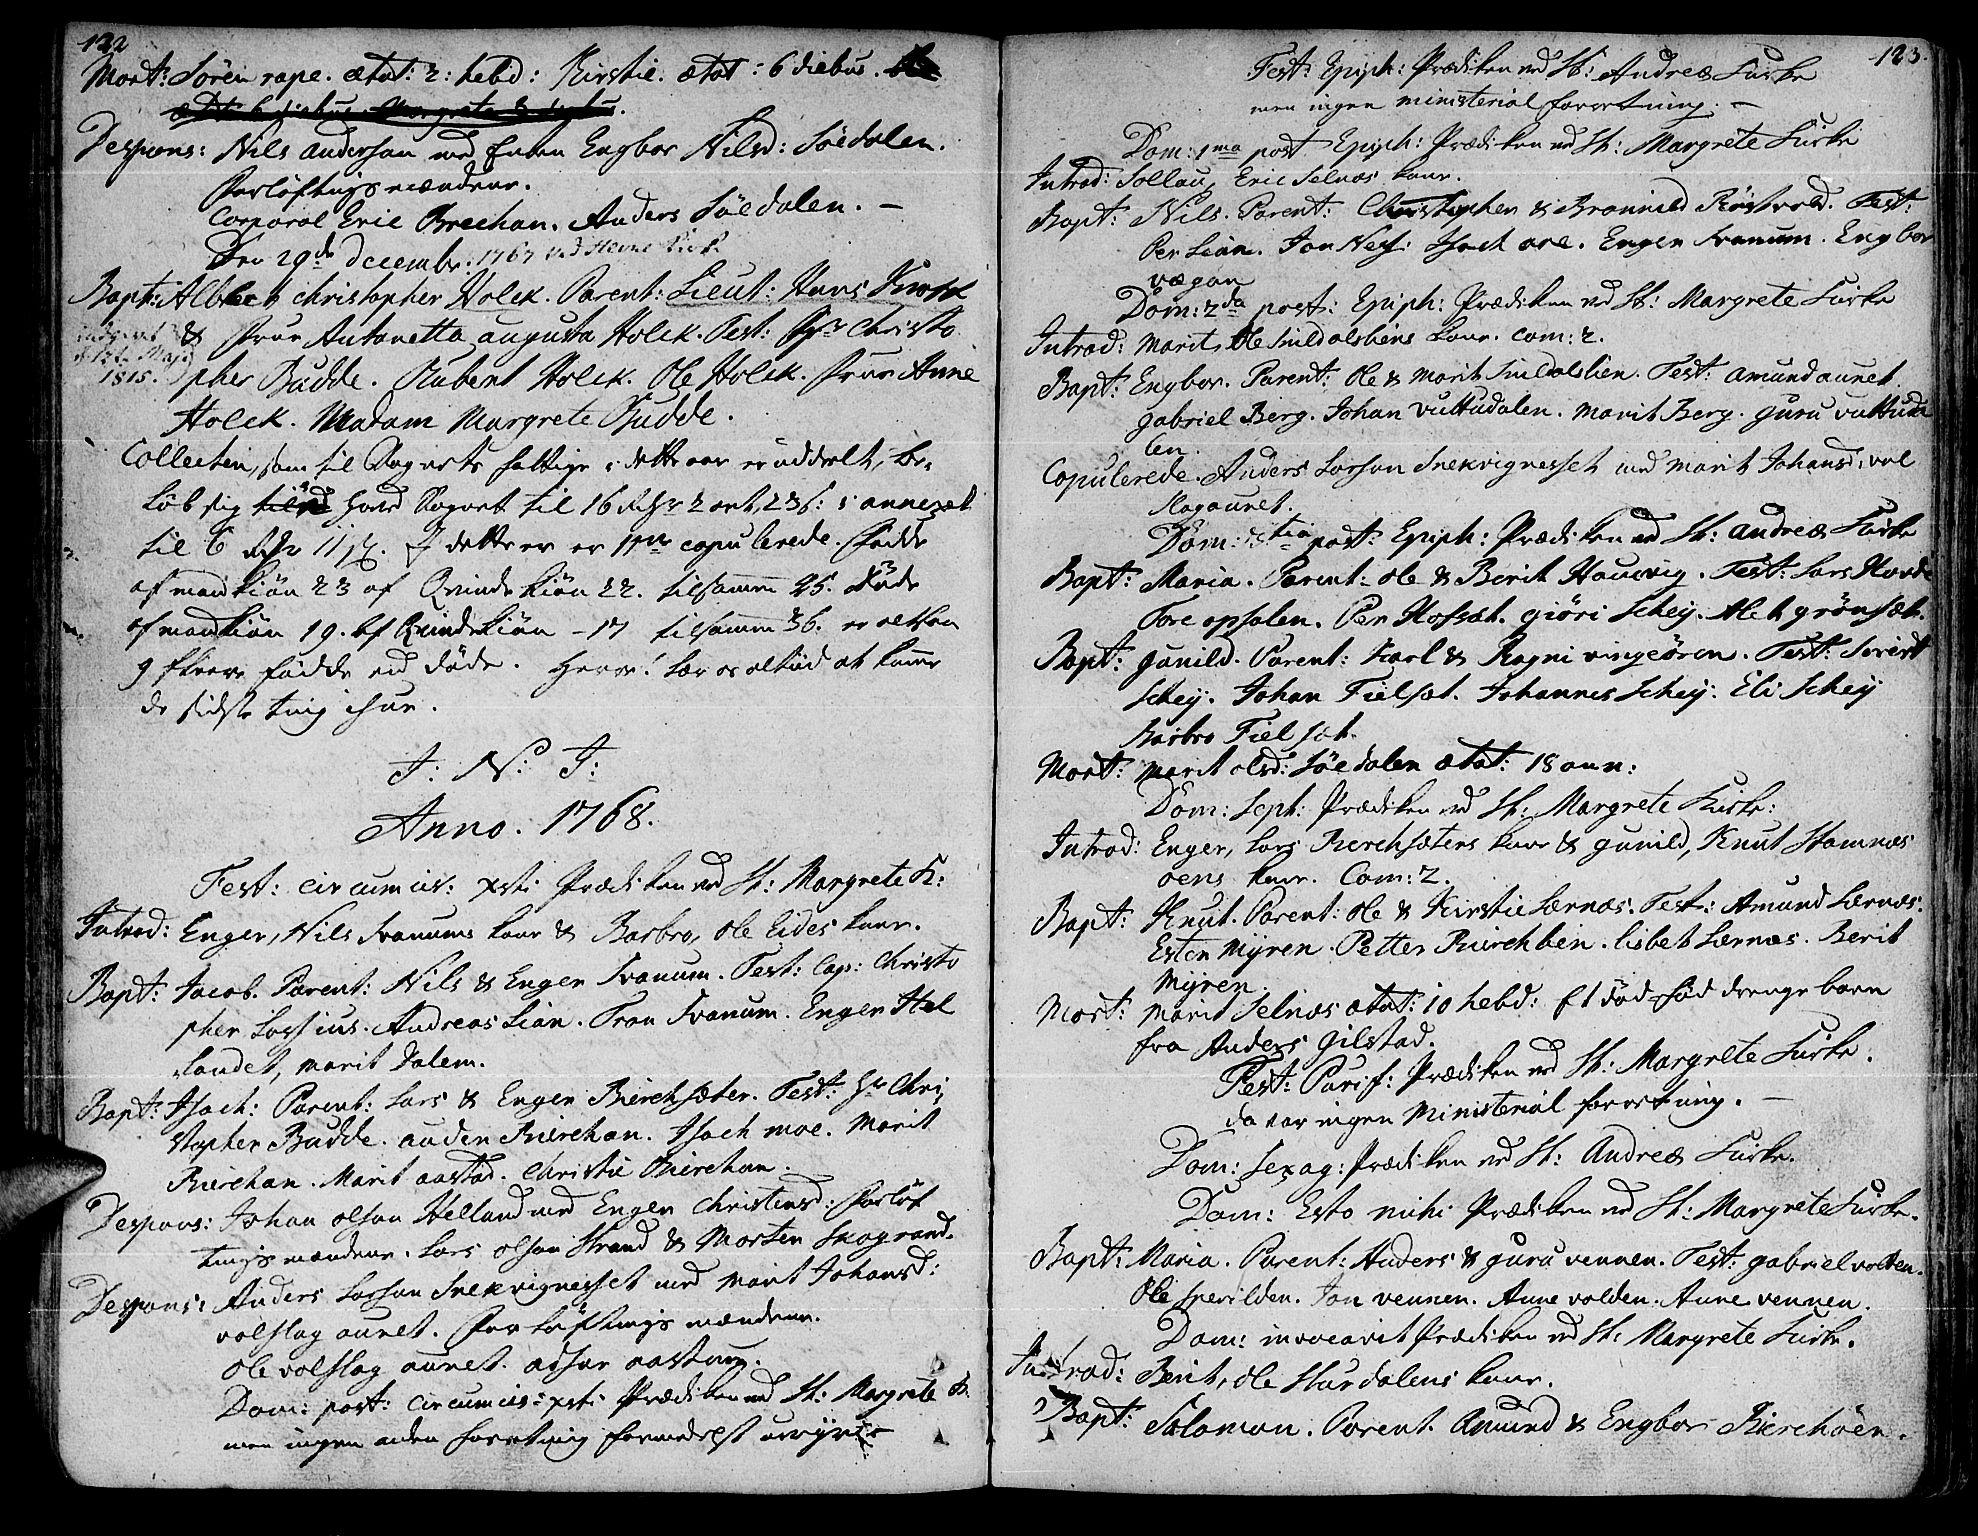 SAT, Ministerialprotokoller, klokkerbøker og fødselsregistre - Sør-Trøndelag, 630/L0489: Ministerialbok nr. 630A02, 1757-1794, s. 122-123